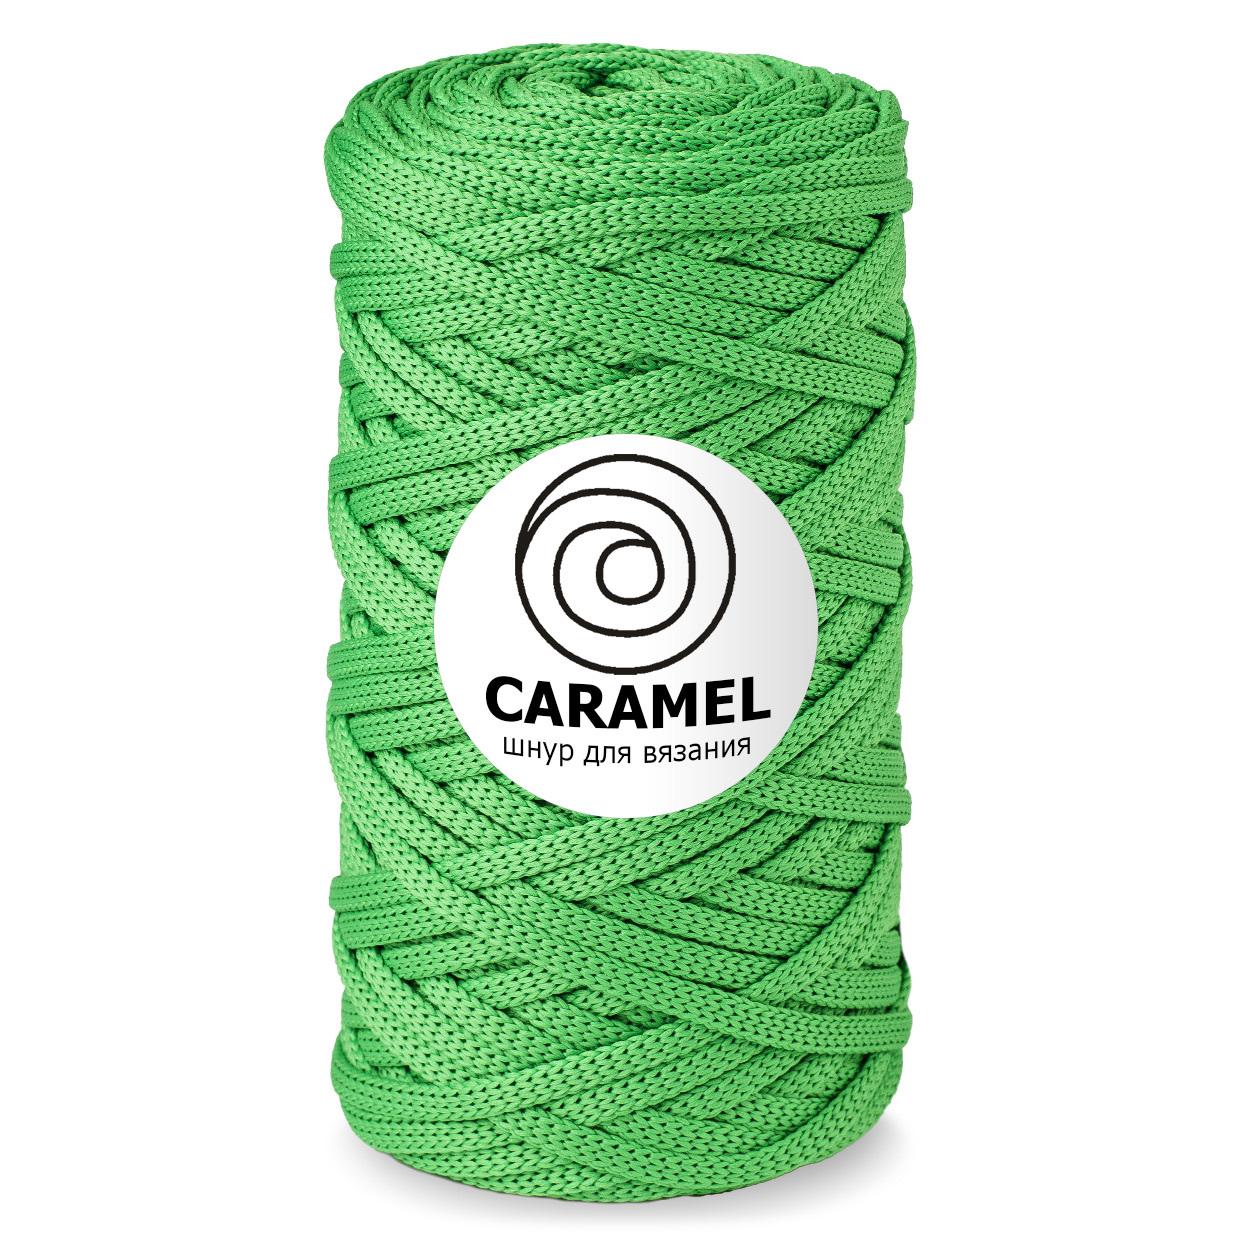 Плоский полиэфирный шнур Caramel Полиэфирный шнур Caramel Яблоко new_image.jpeg